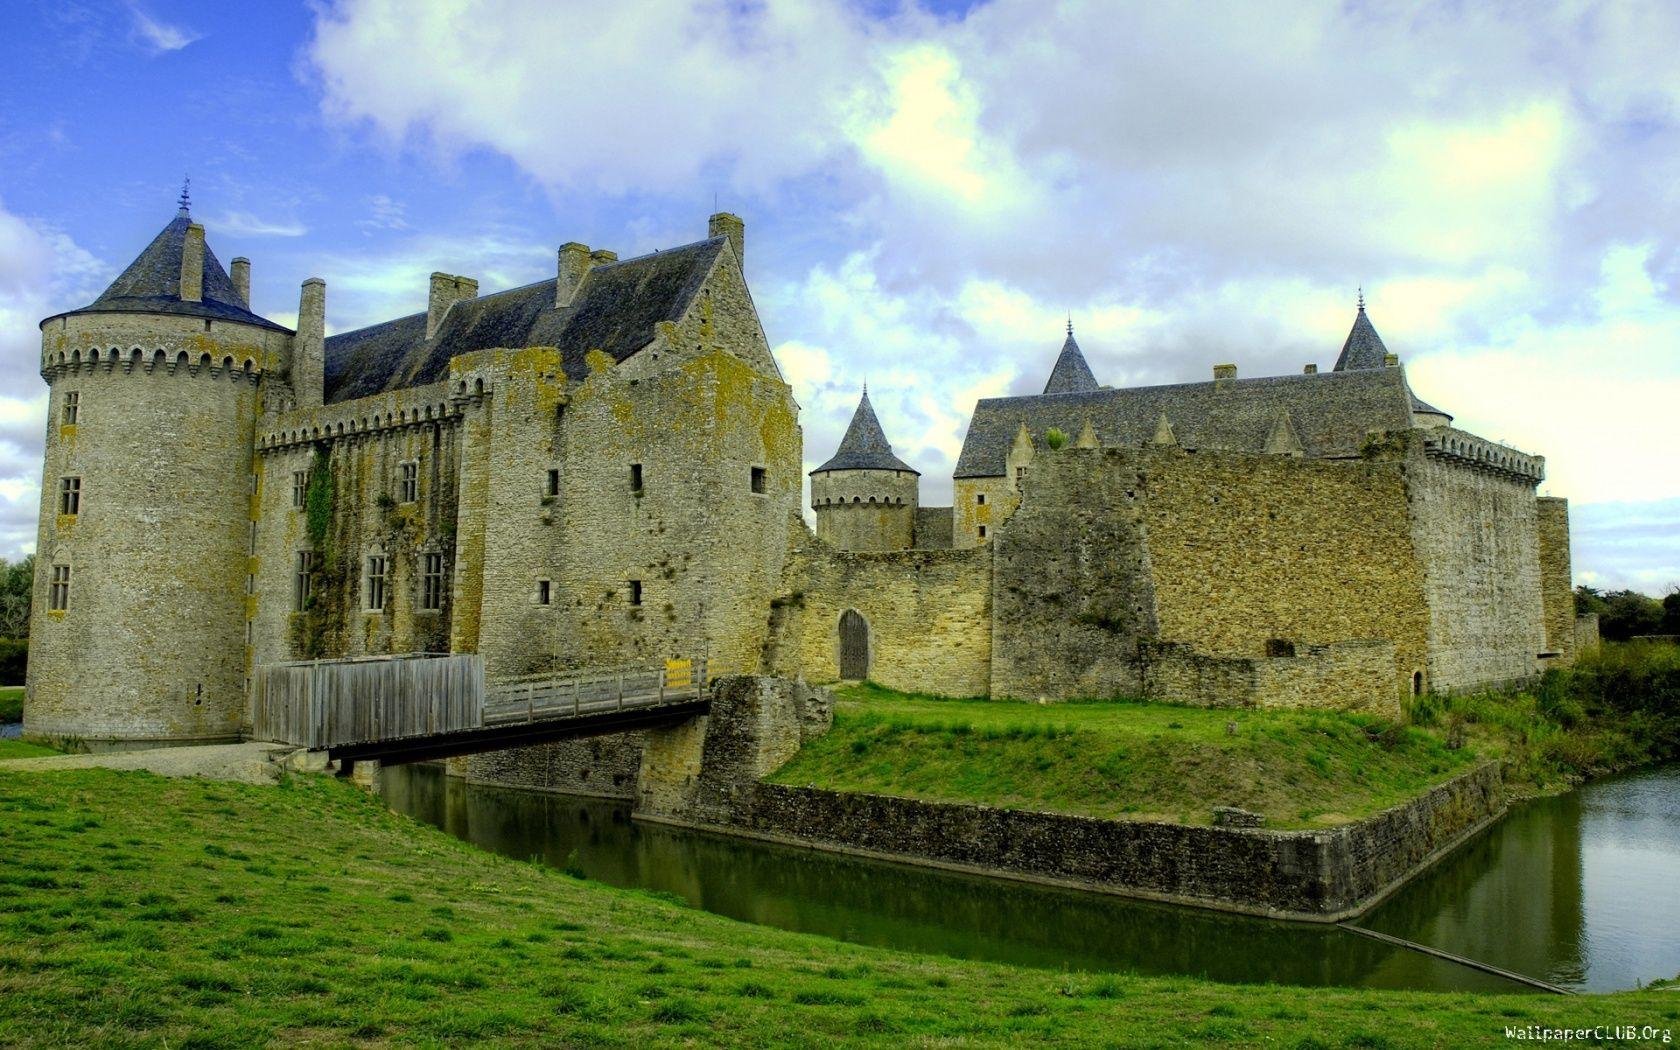 ancient-castle-1680x1050.jpg (1680×1050)